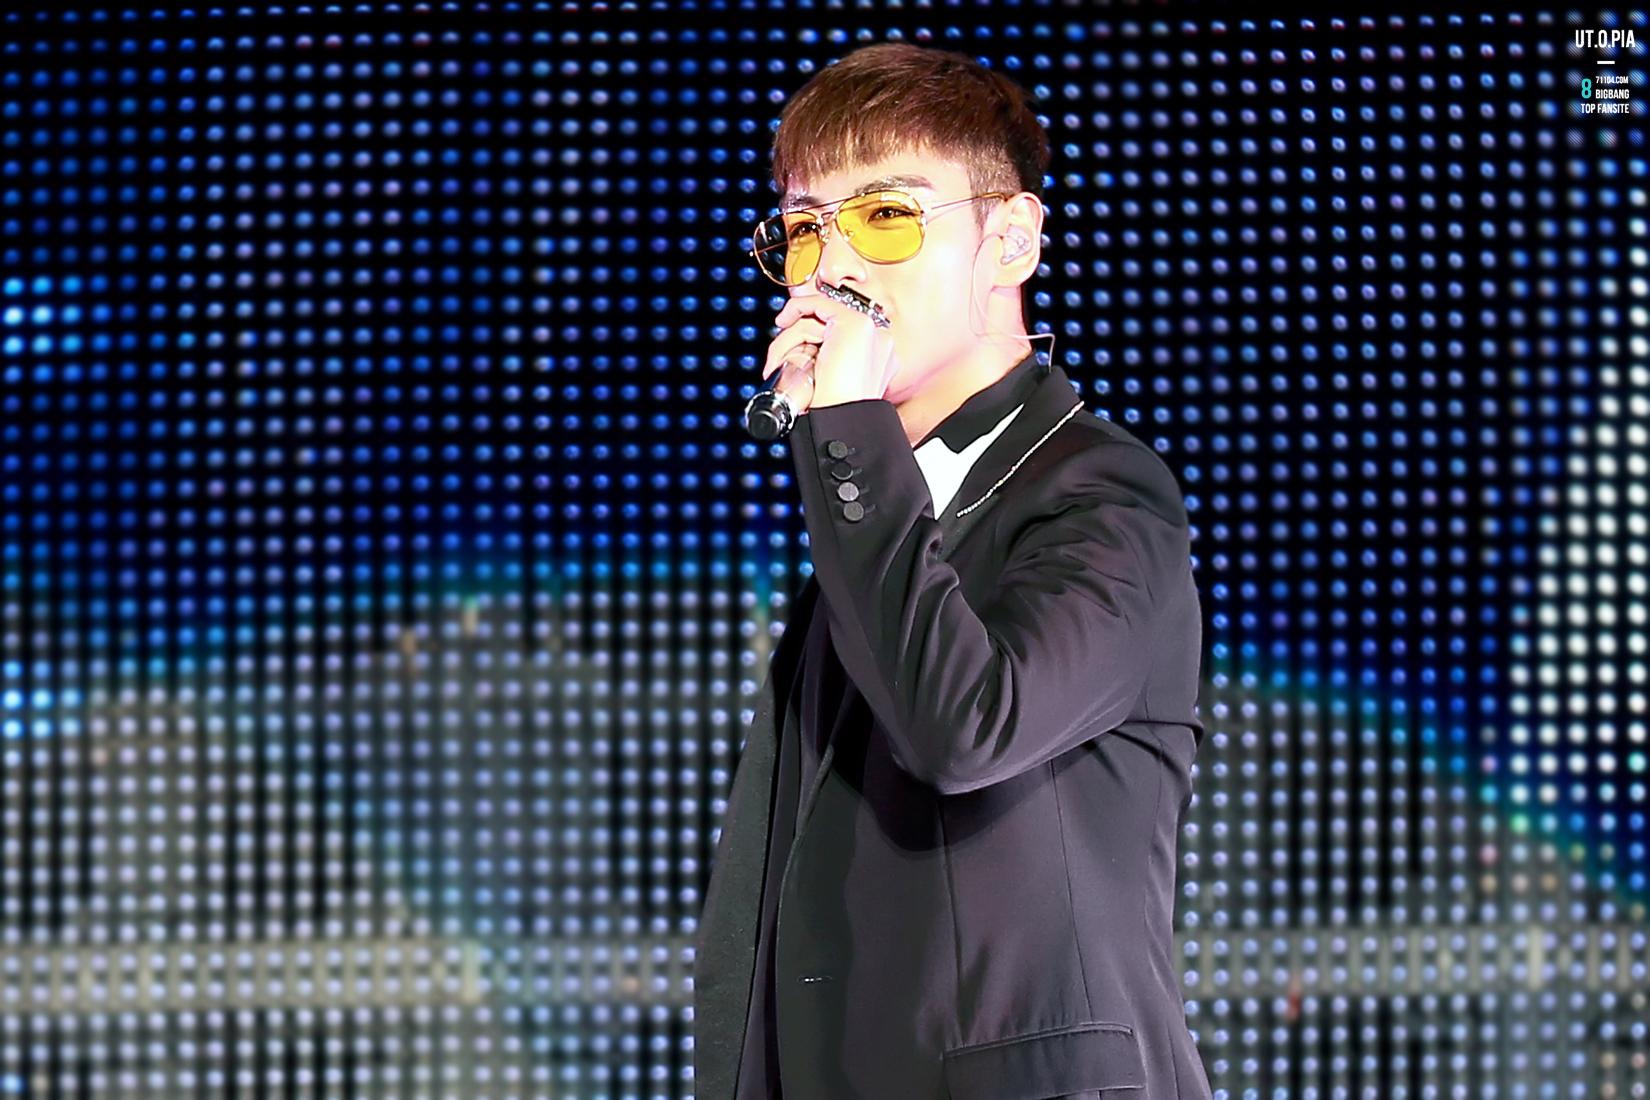 BIGBANG - Made Tour - Tokyo - 13nov2015 - Utopia - 40.jpg